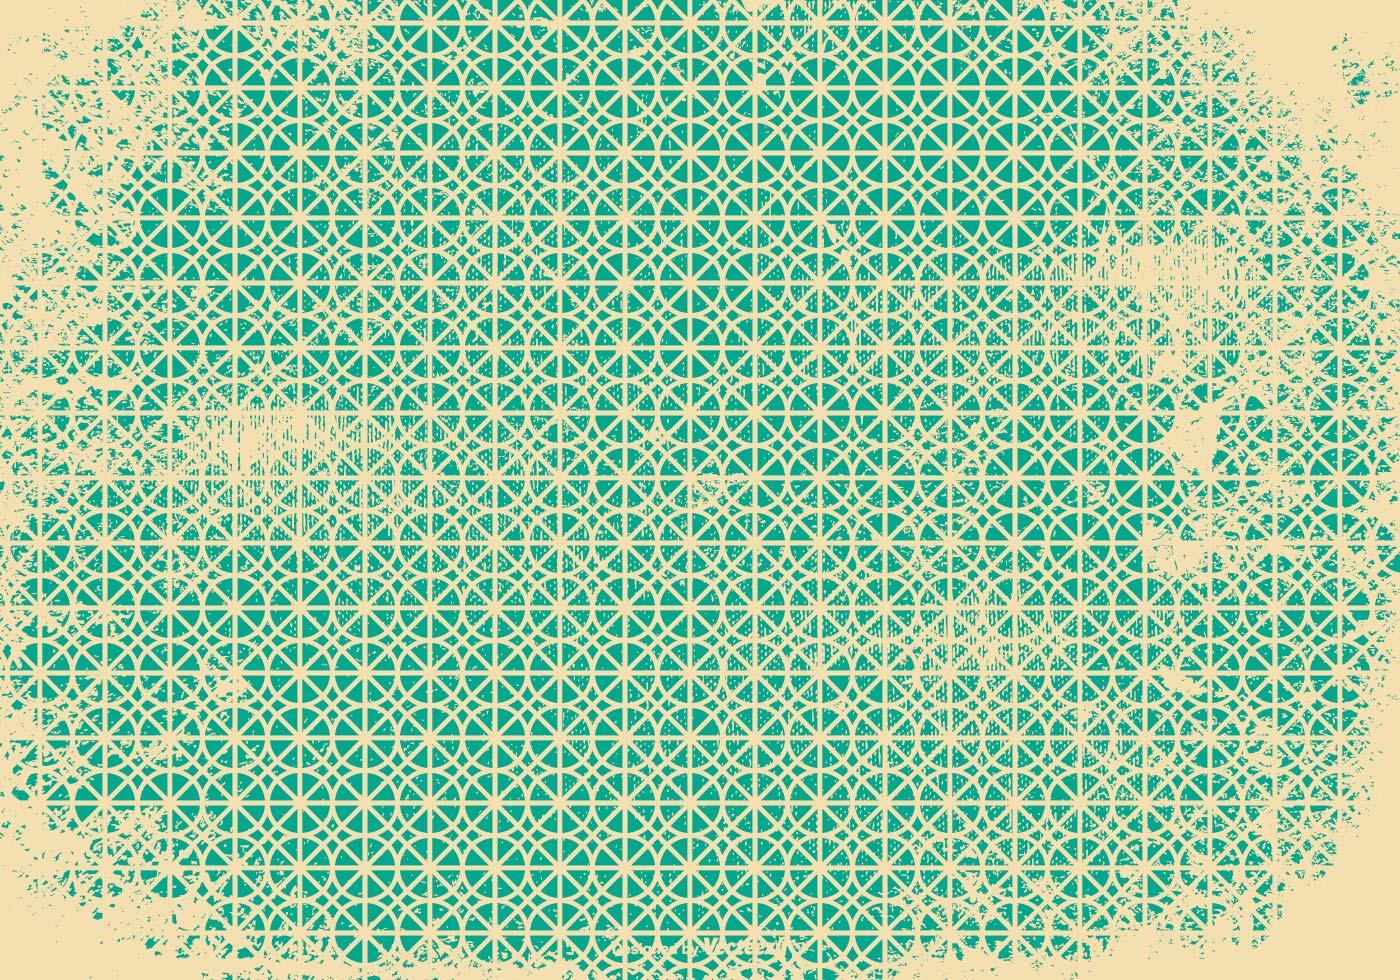 Retro Grunge Pattern Background